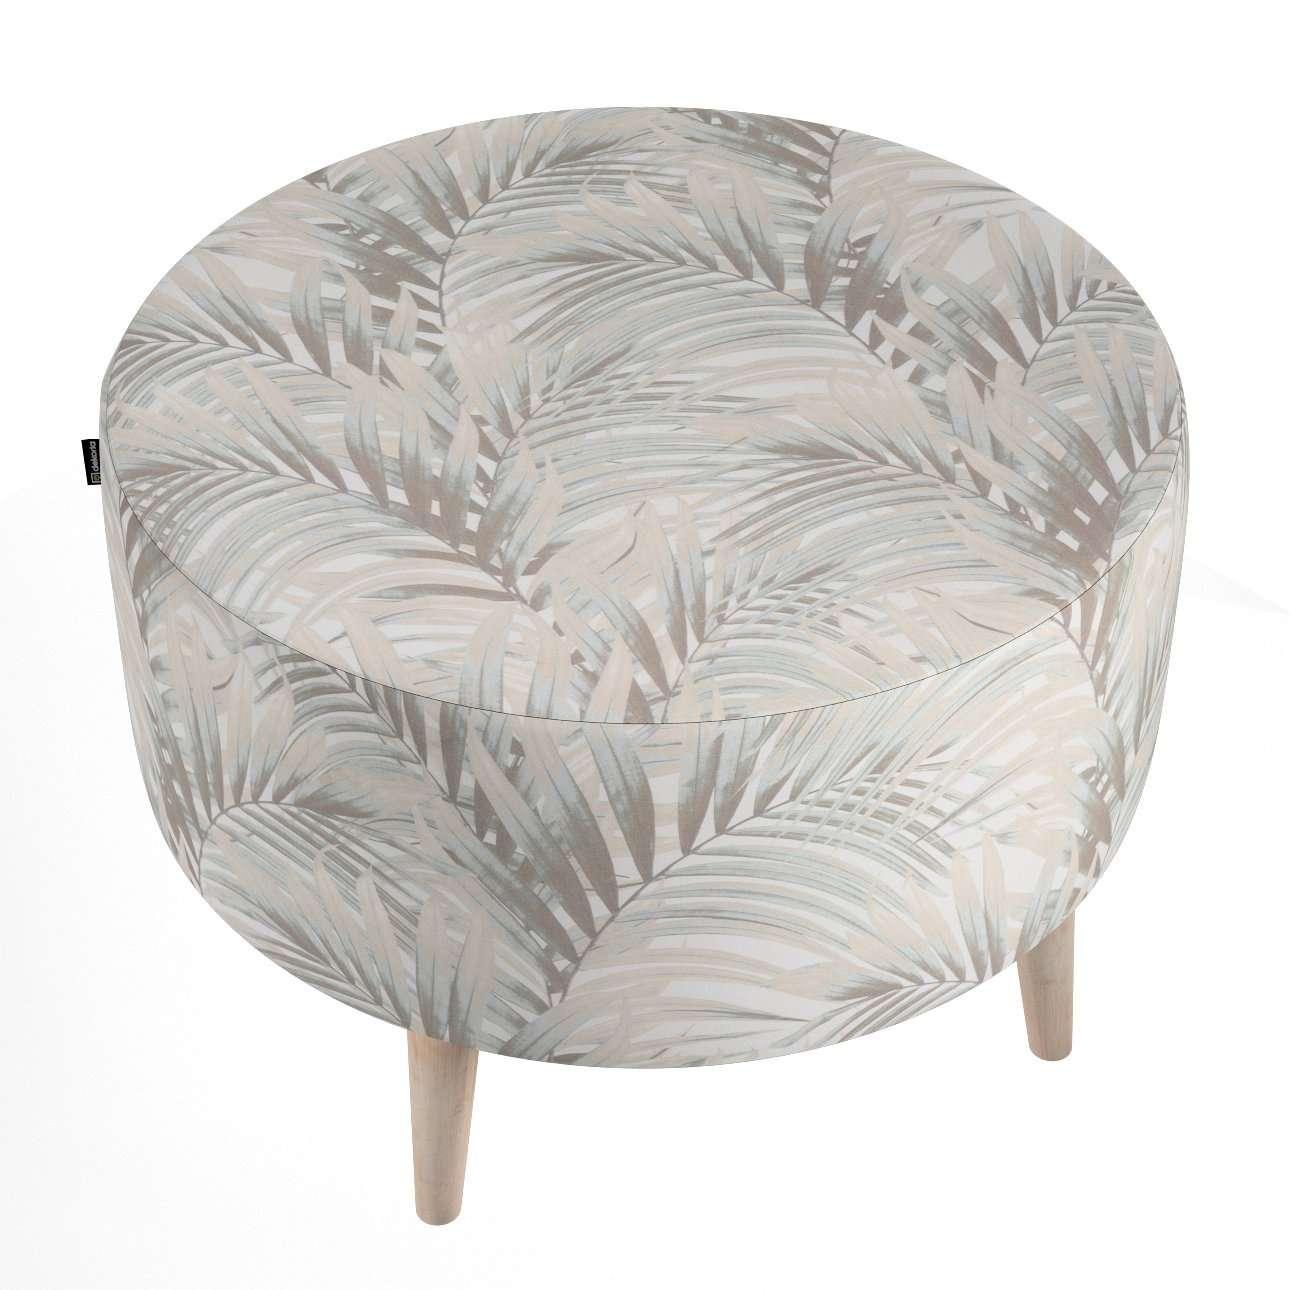 Podnóżek okrągły natural w kolekcji Gardenia, tkanina: 142-14